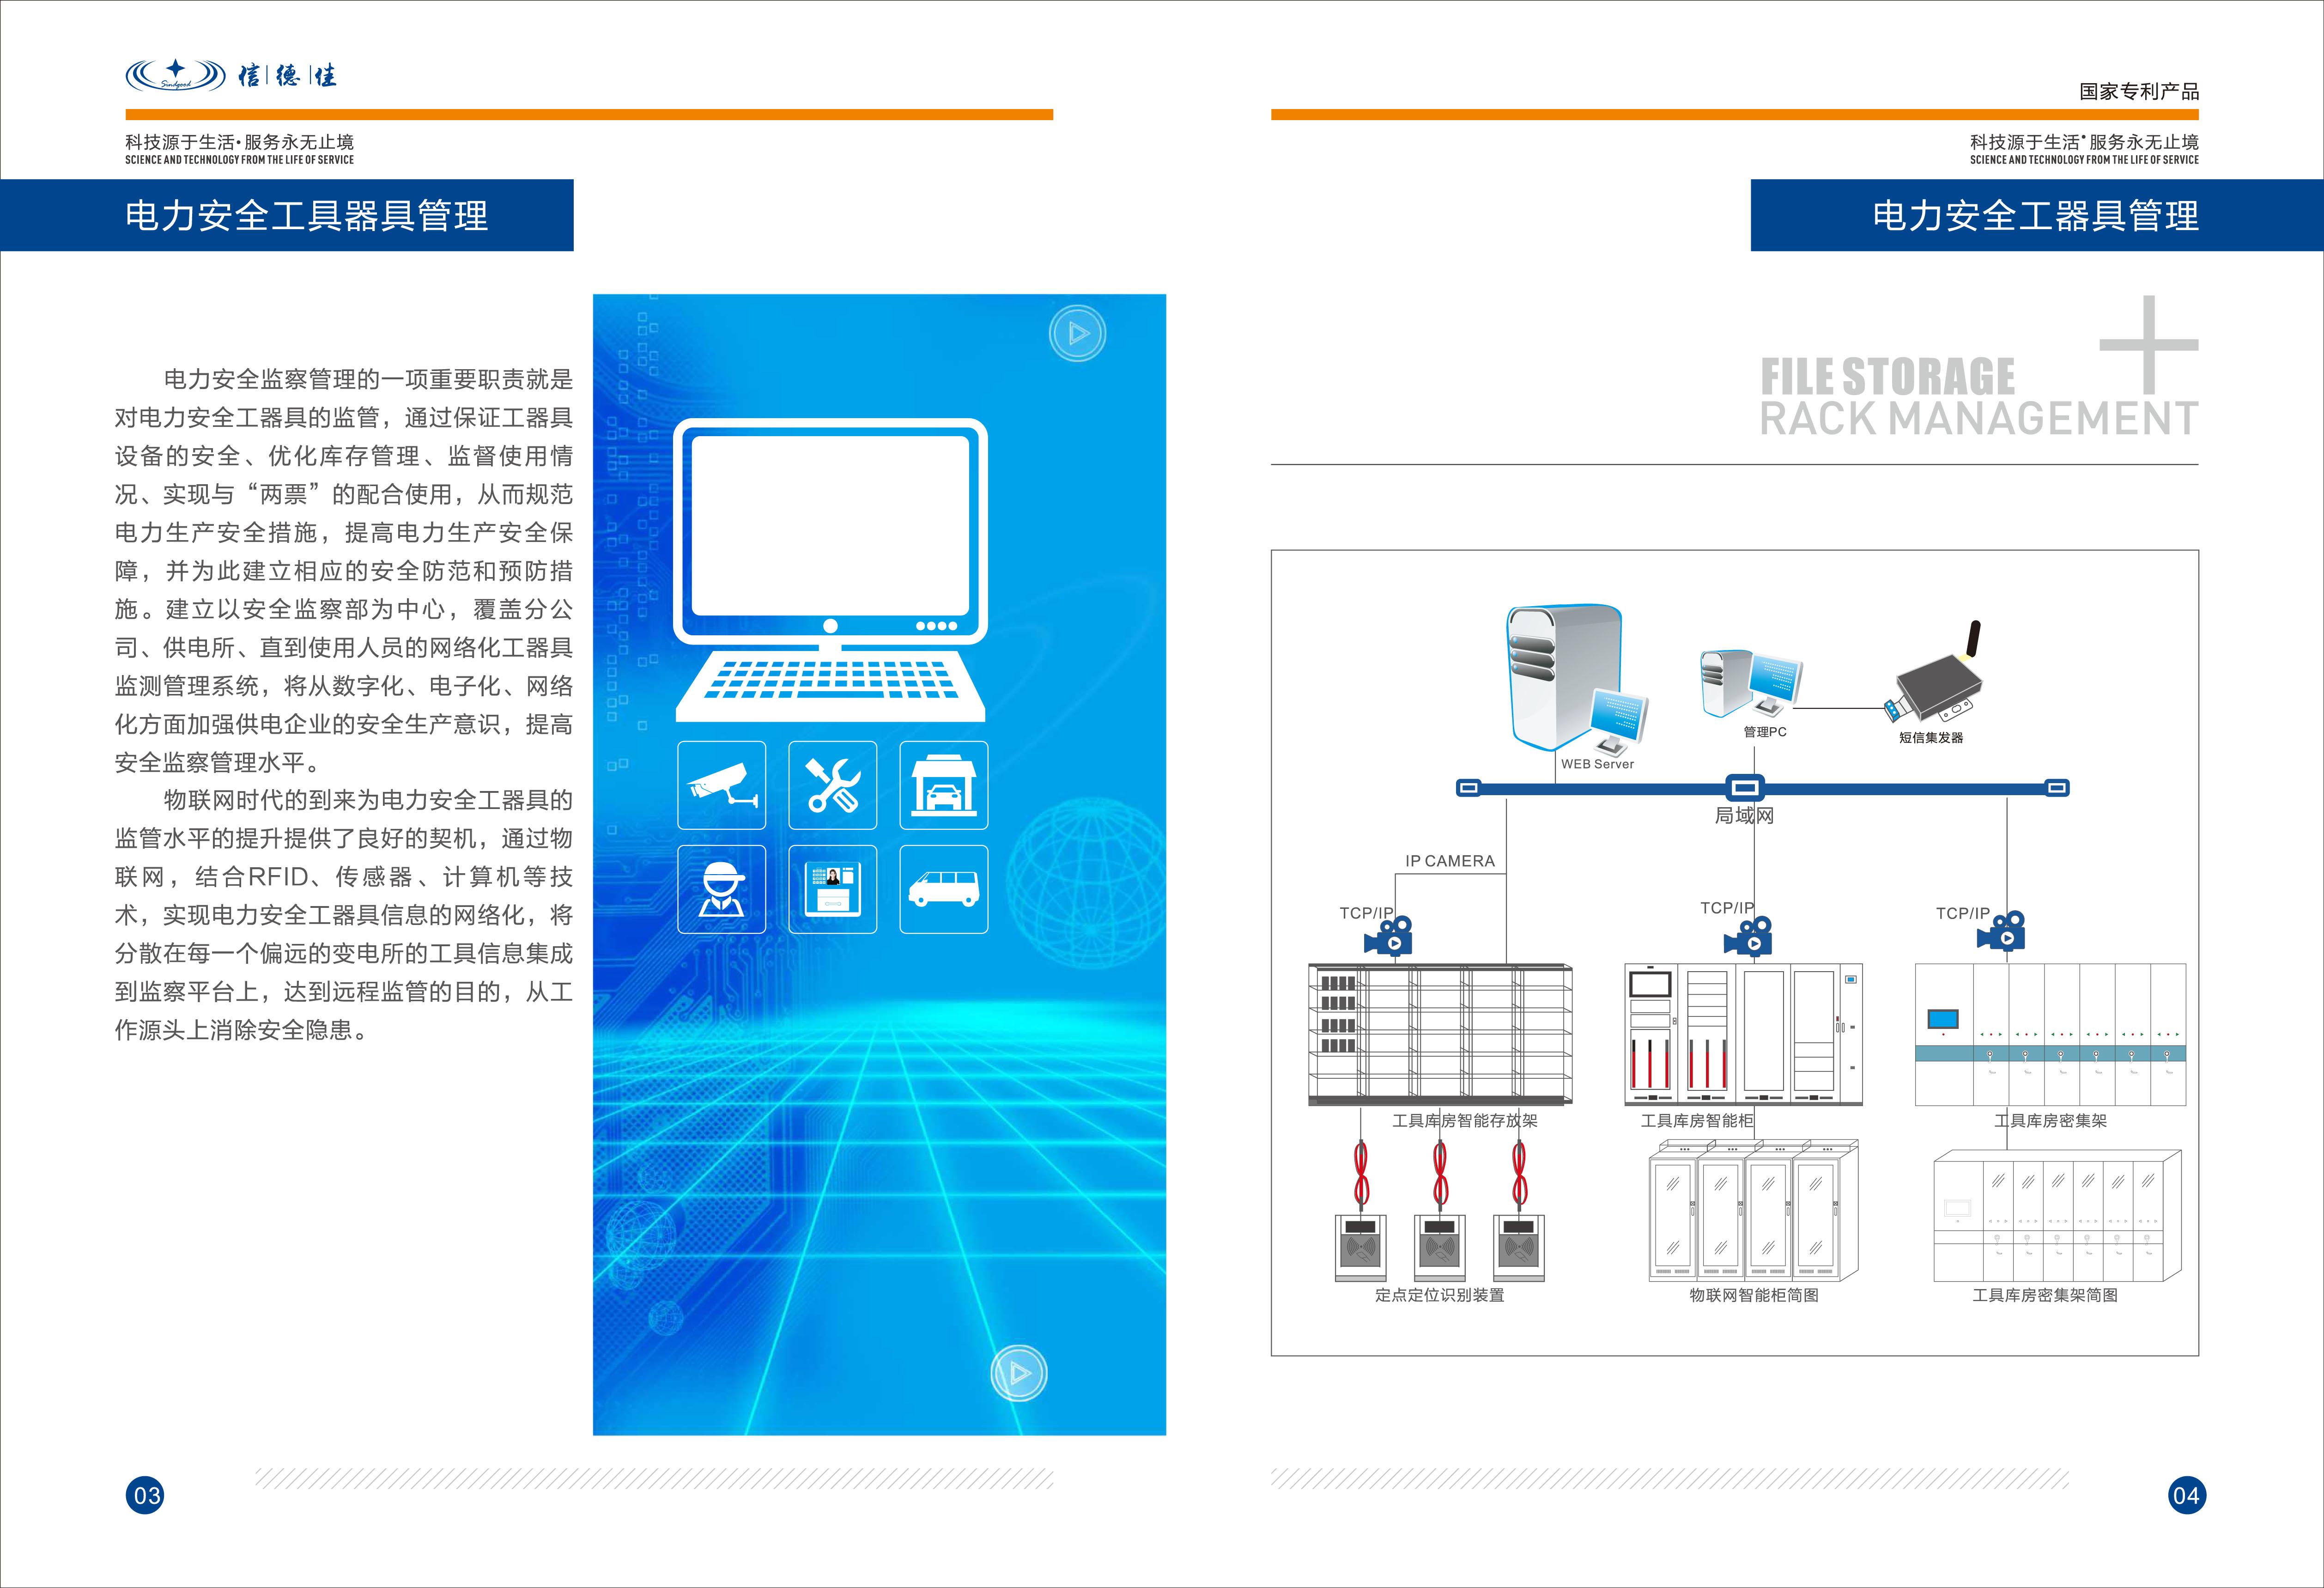 广告册-智能带电作业库房管理-3.jpg